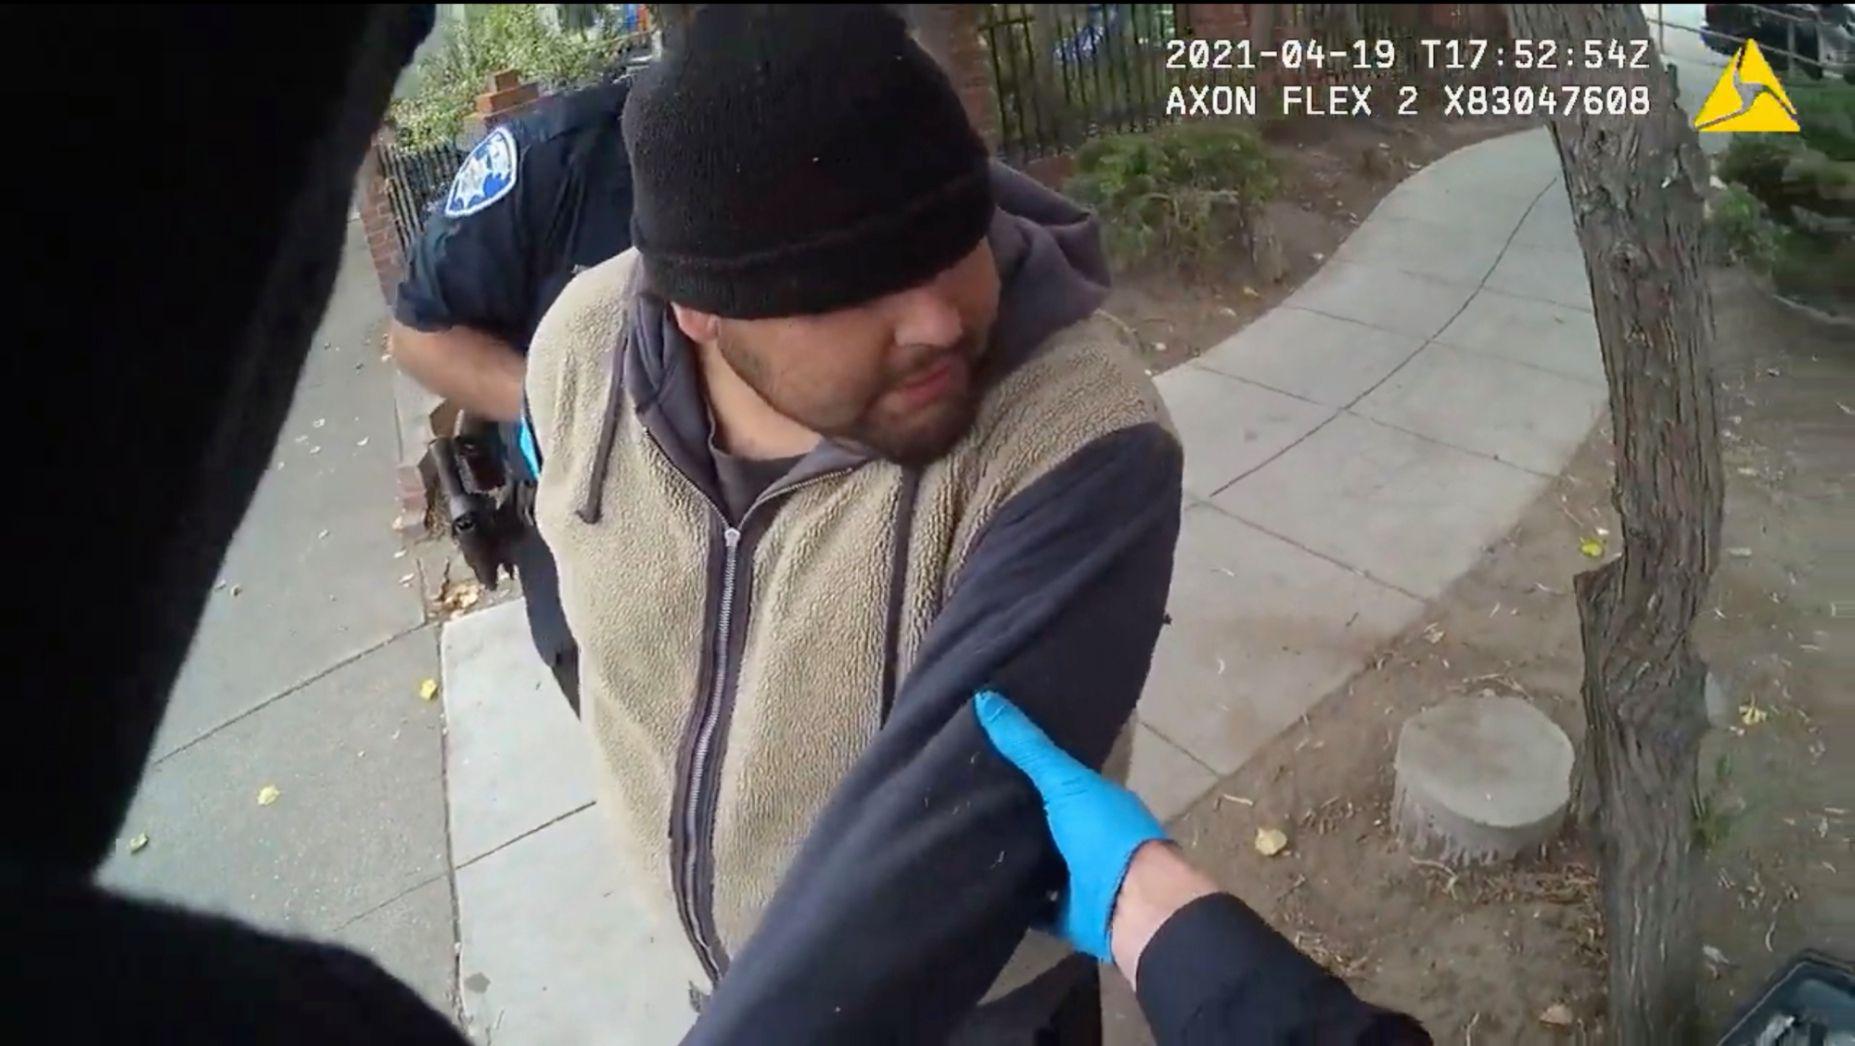 Le 19 avril dernier à Alameda, près de San Francisco, aux États-Unis, Mario Gonzalez...